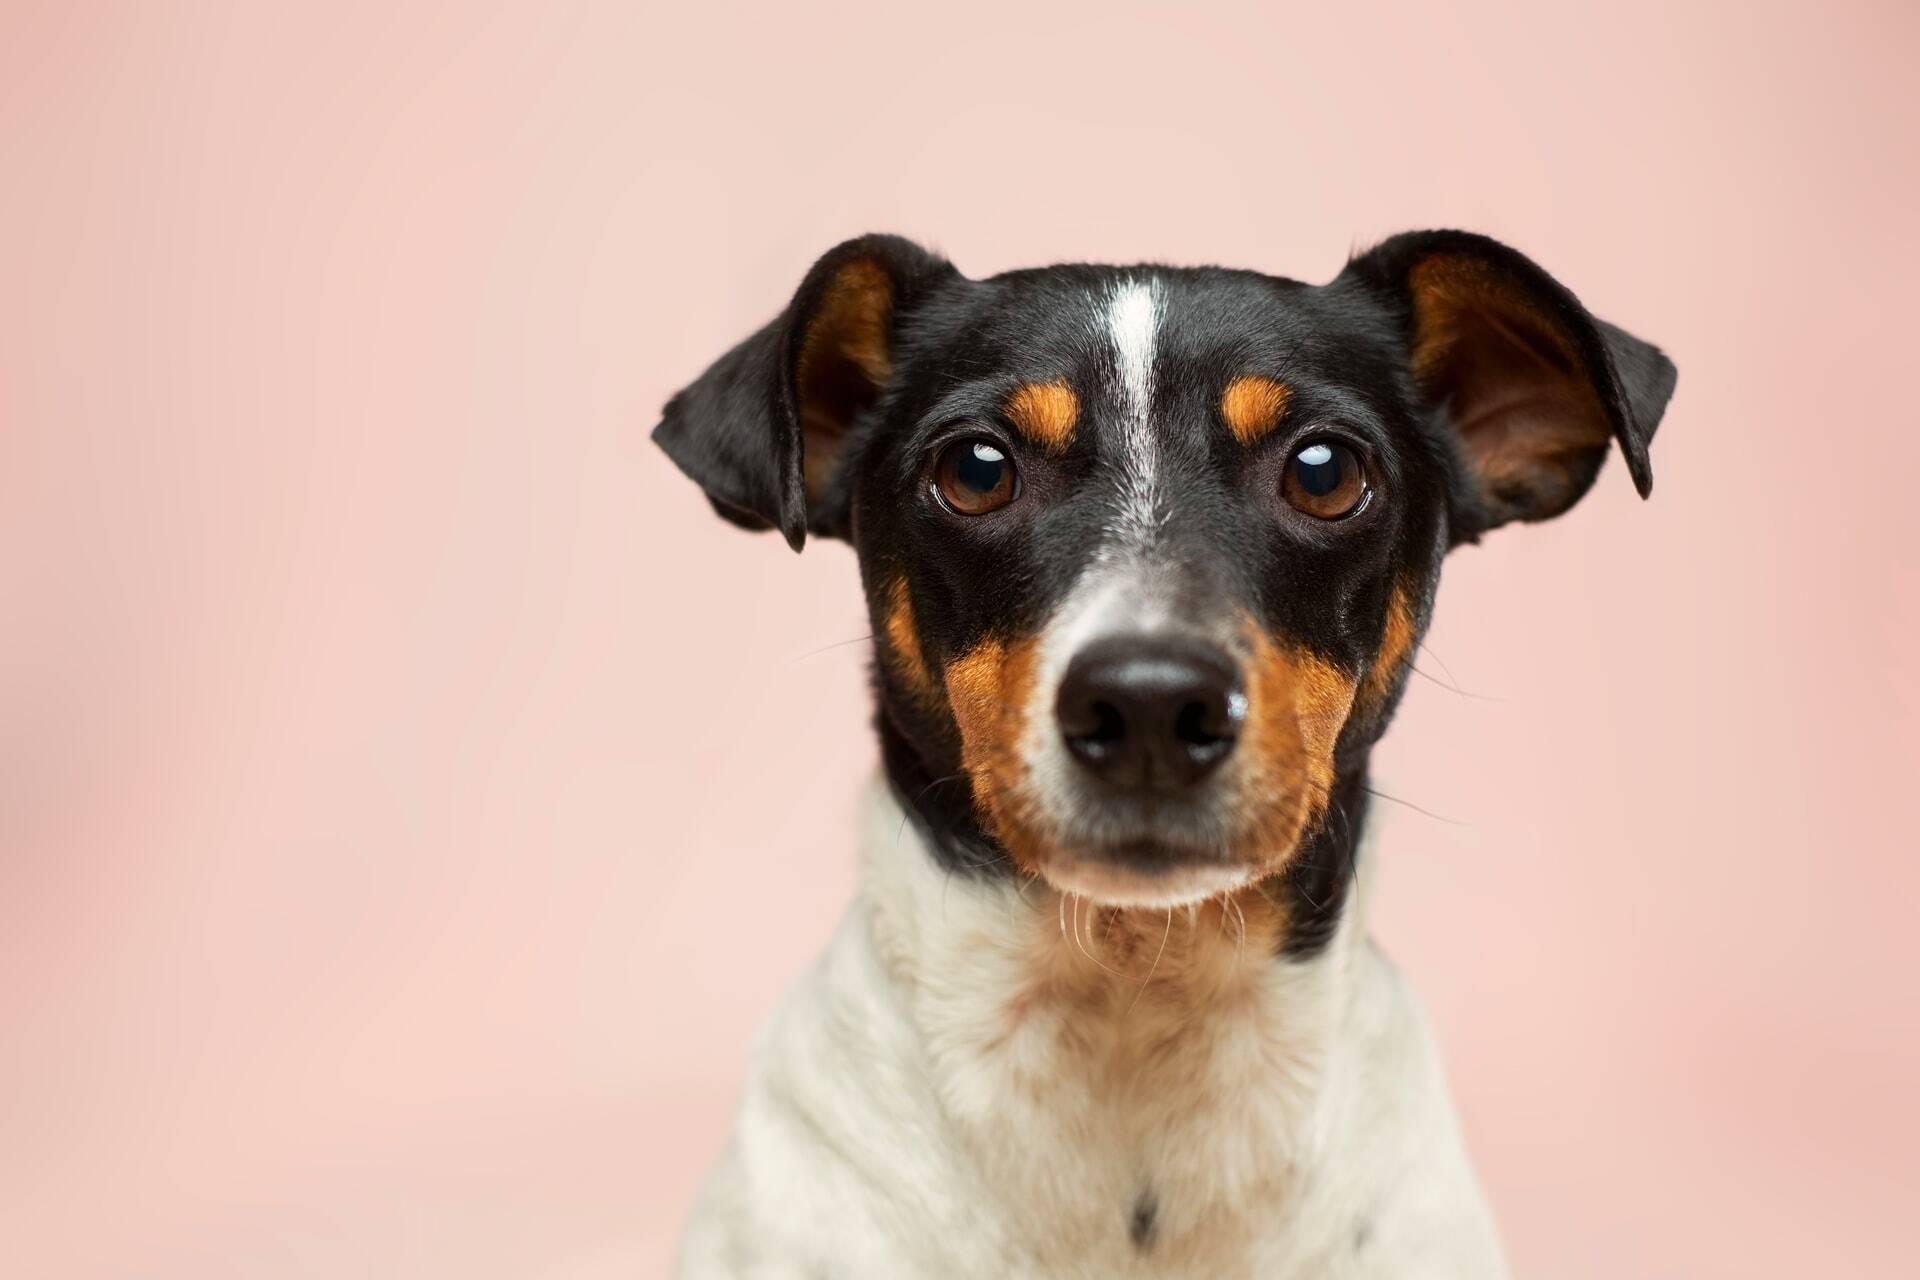 Os cães podem reencarnar? Veja o que uma especialista tem a dizer